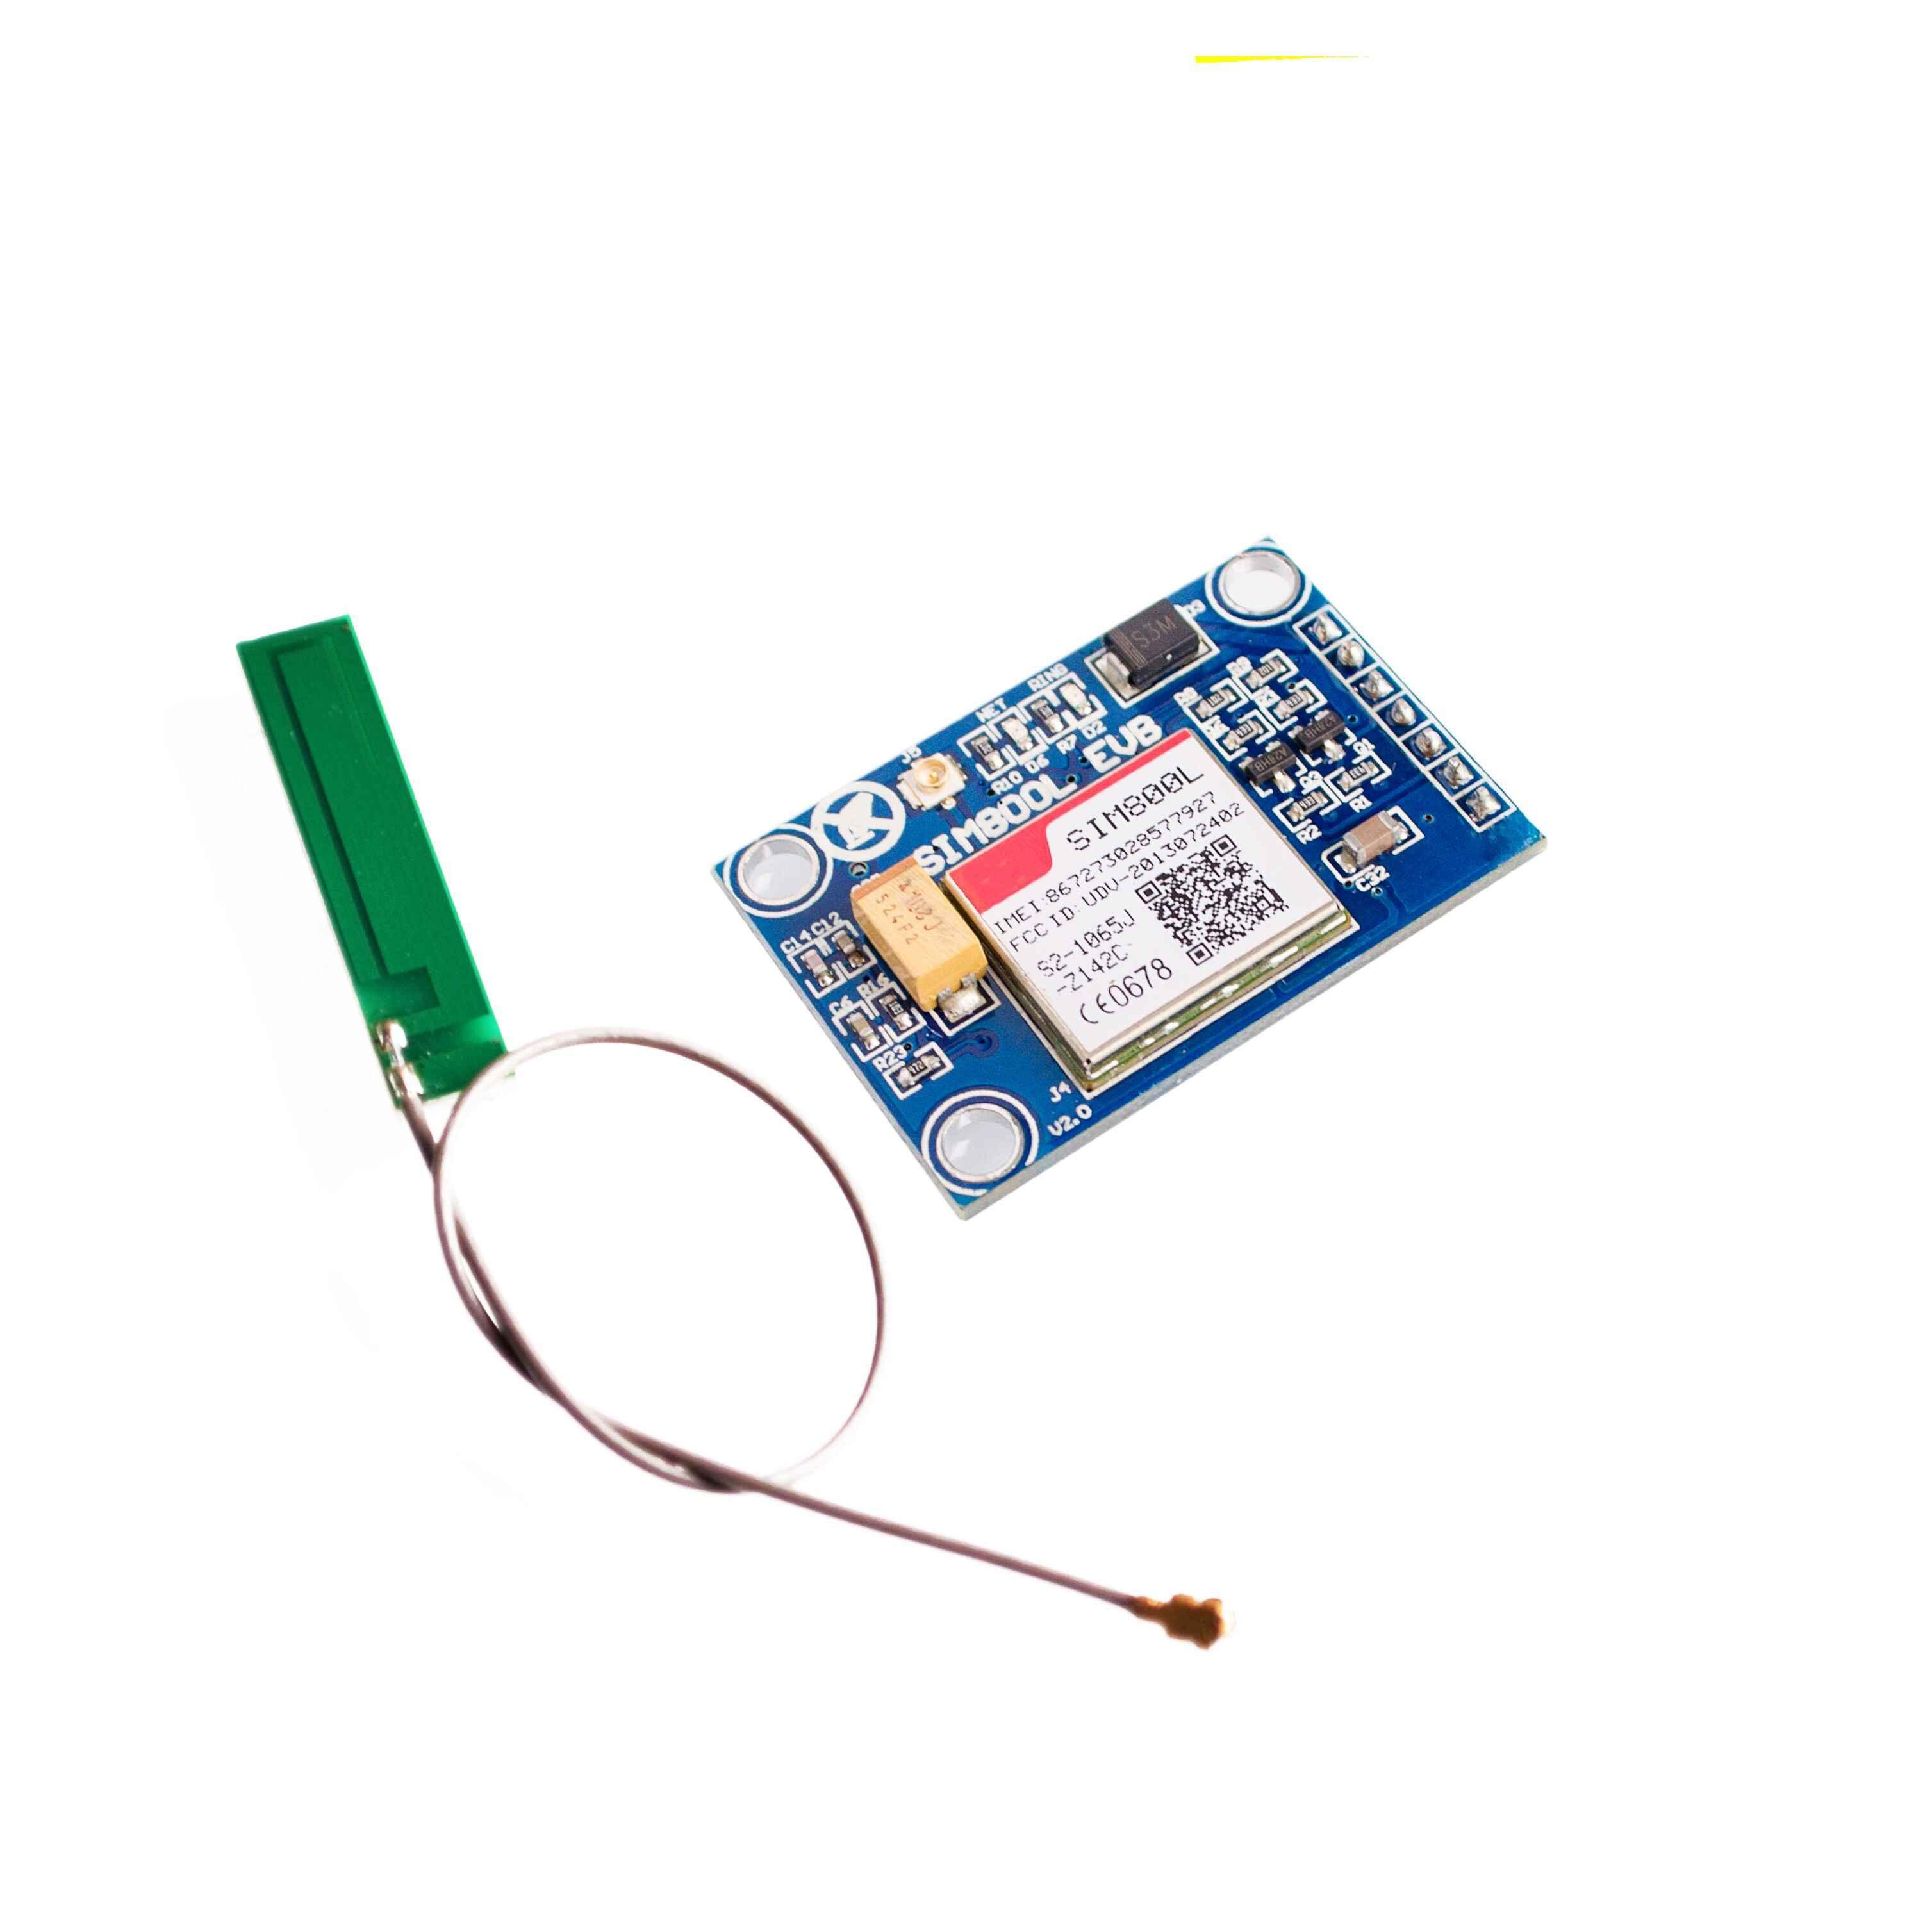 Sim800 Gprs Example